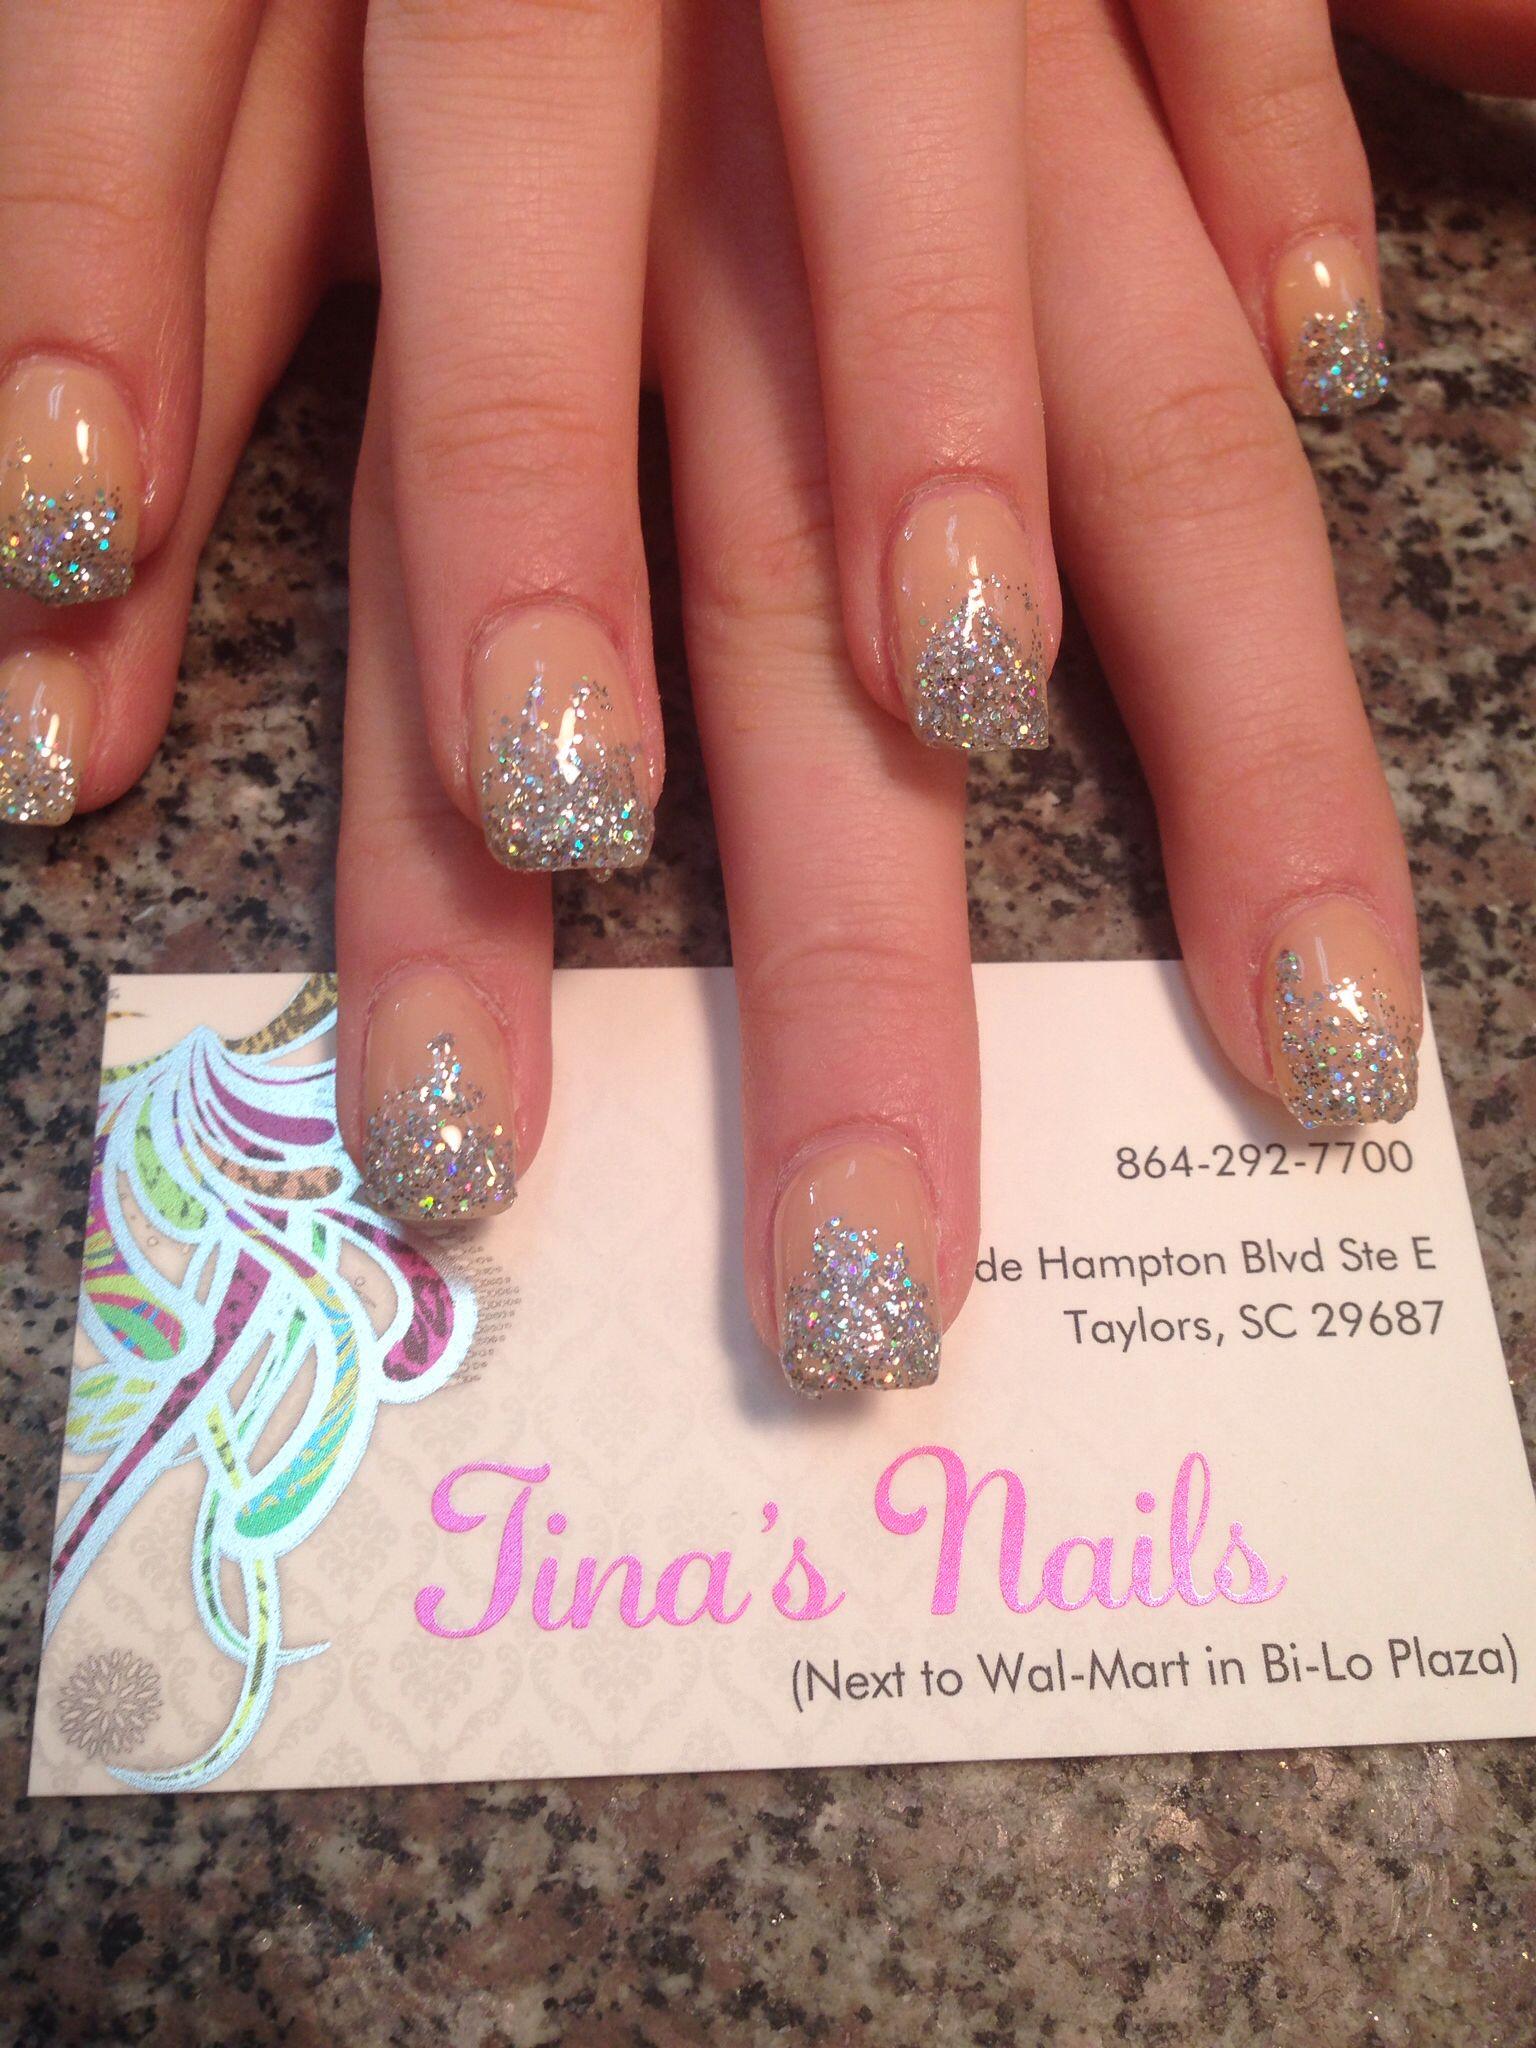 Nail art nail designs free hand 3d art | Tina\'s Nails designs from ...